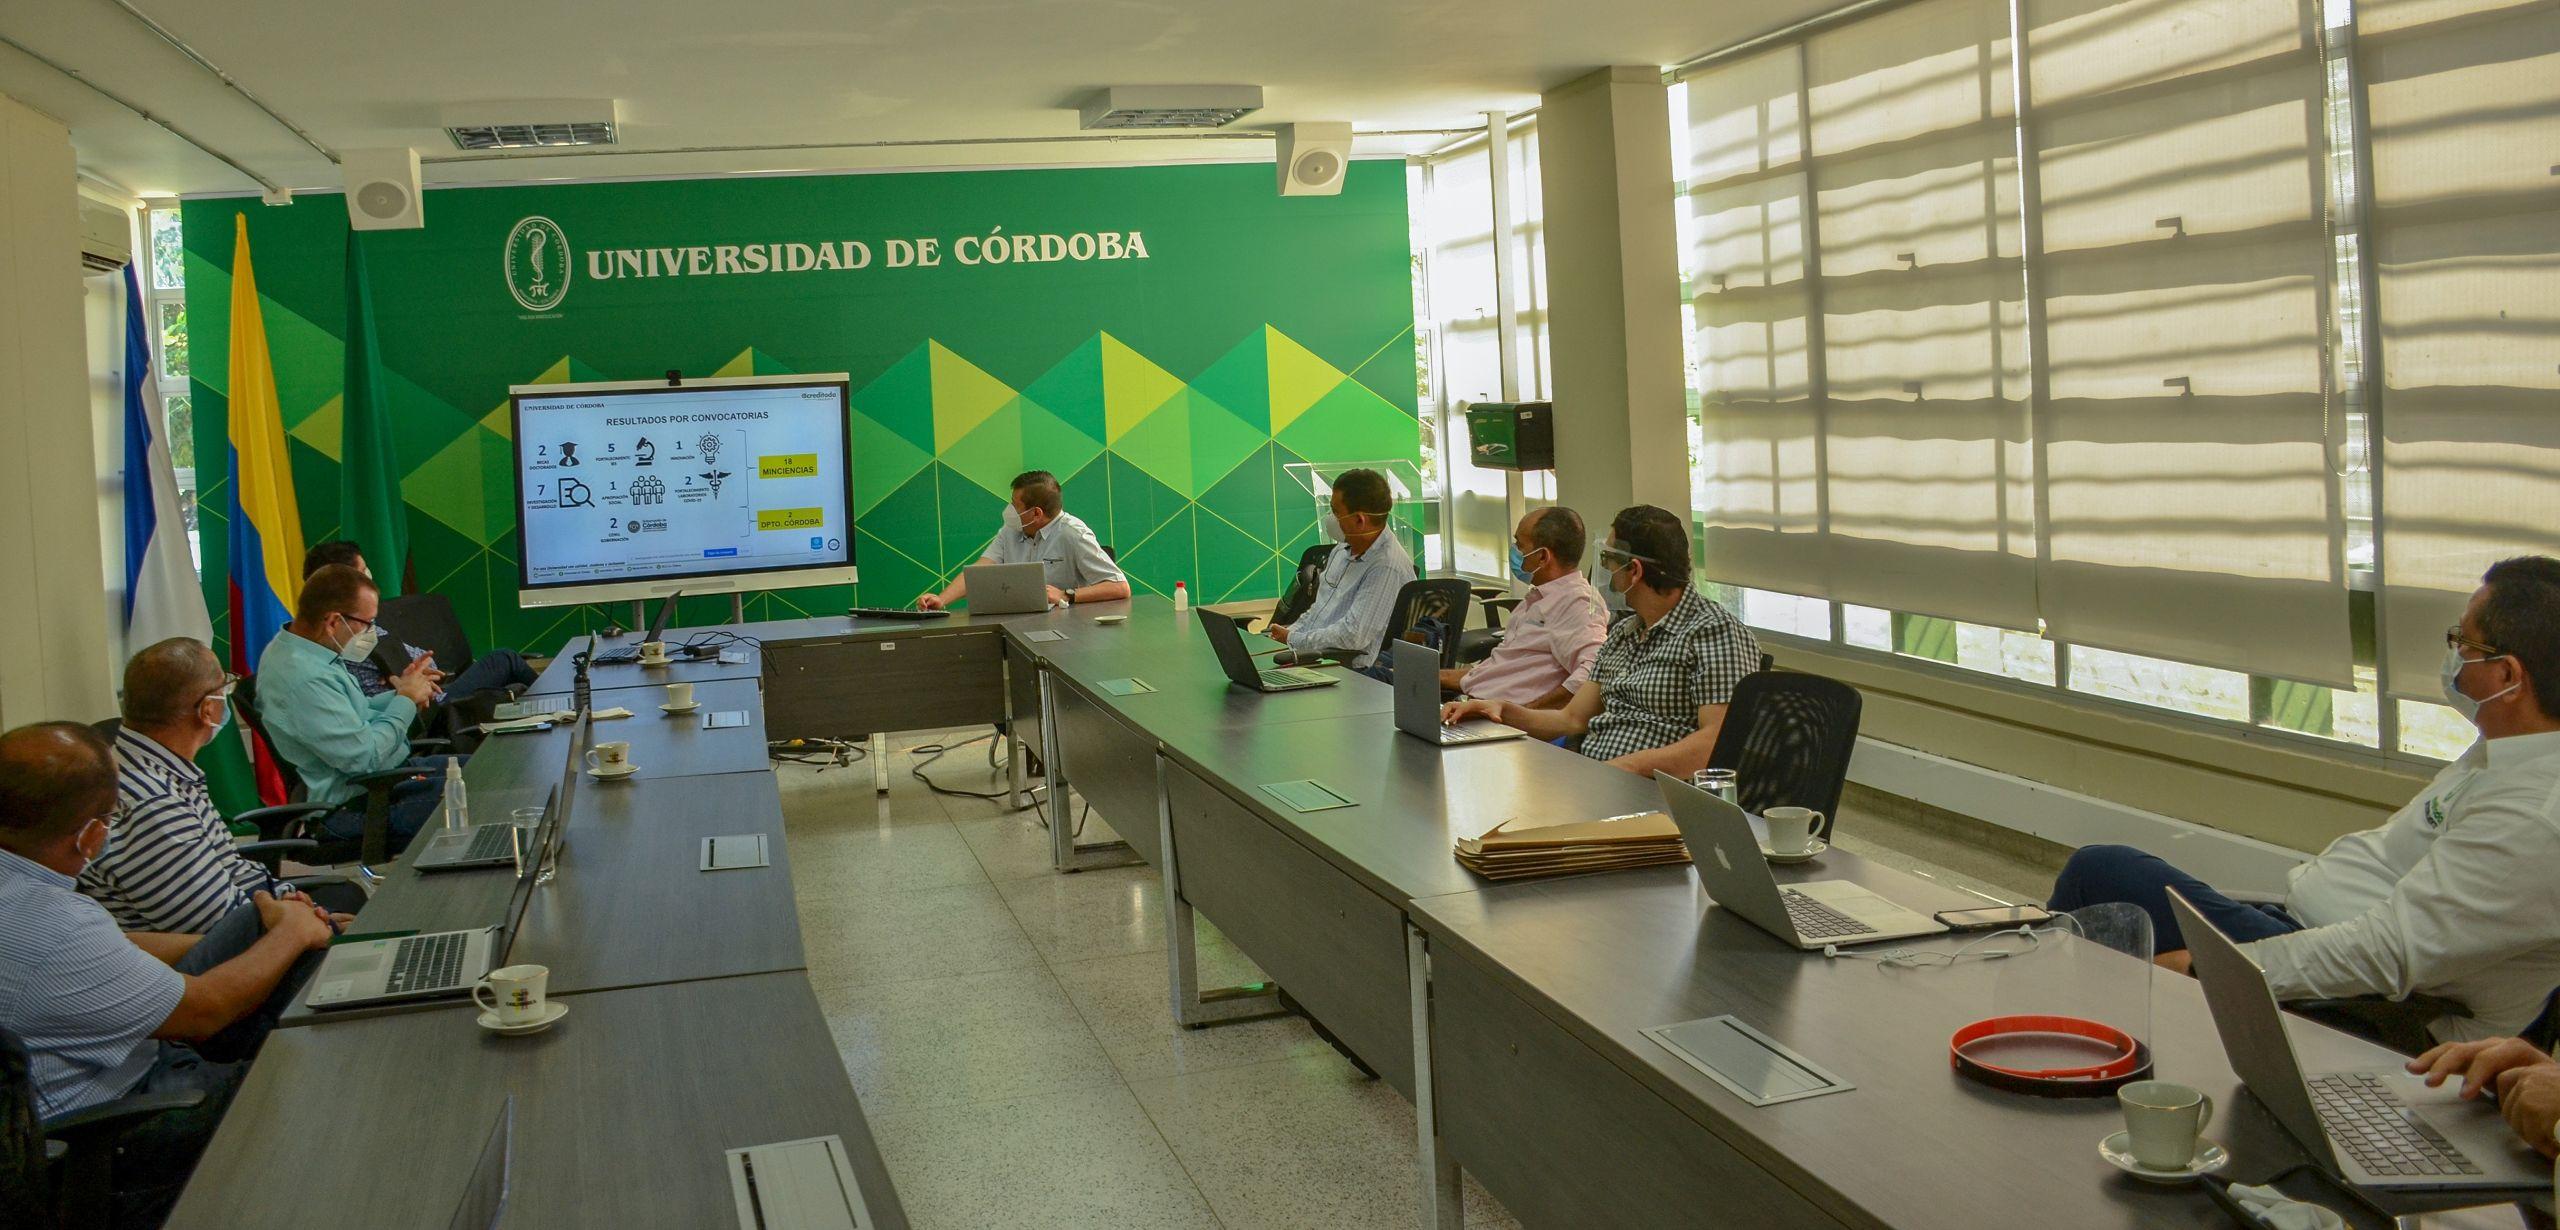 El rector, Jairo Torres Oviedo y un grupo de investigadores durante el encuentro.